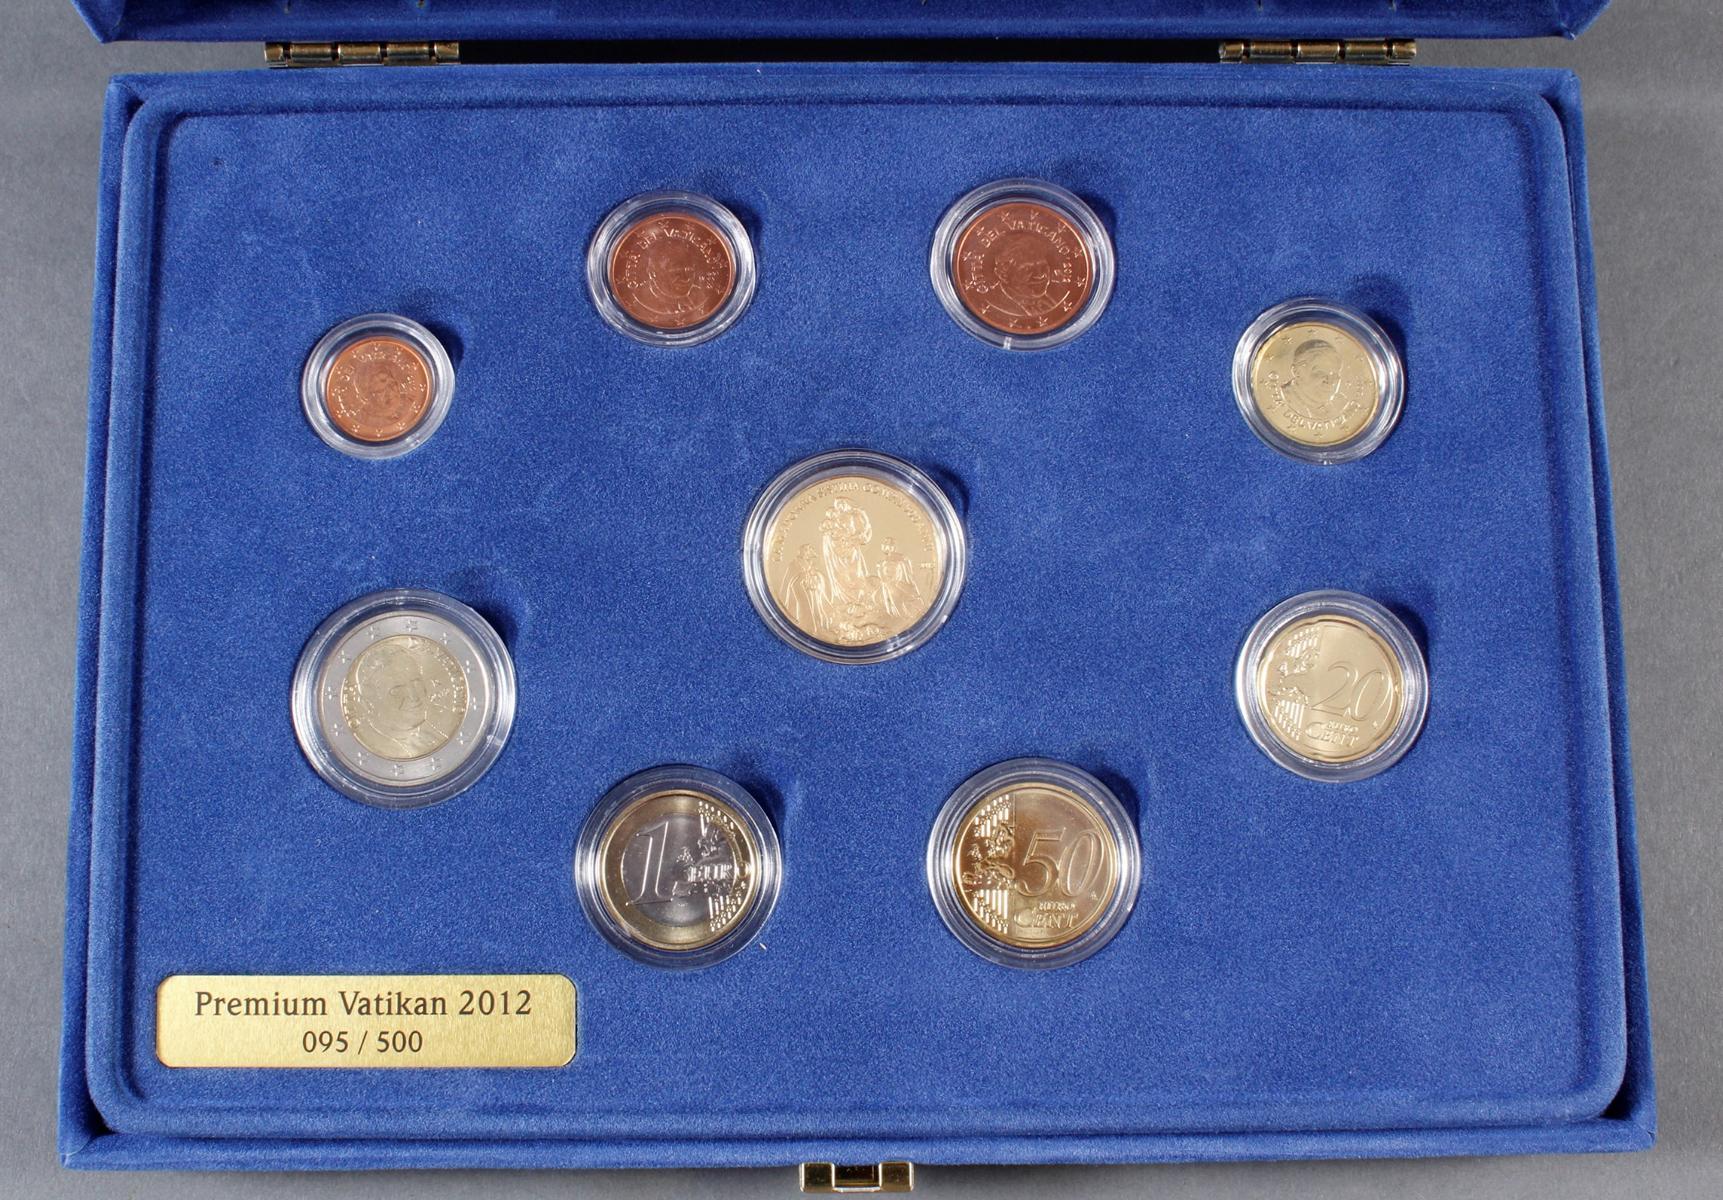 Vatikan Premium KMS (Kursmünzensatz) 2012 mit 1/10 Unze Goldmedaille-2